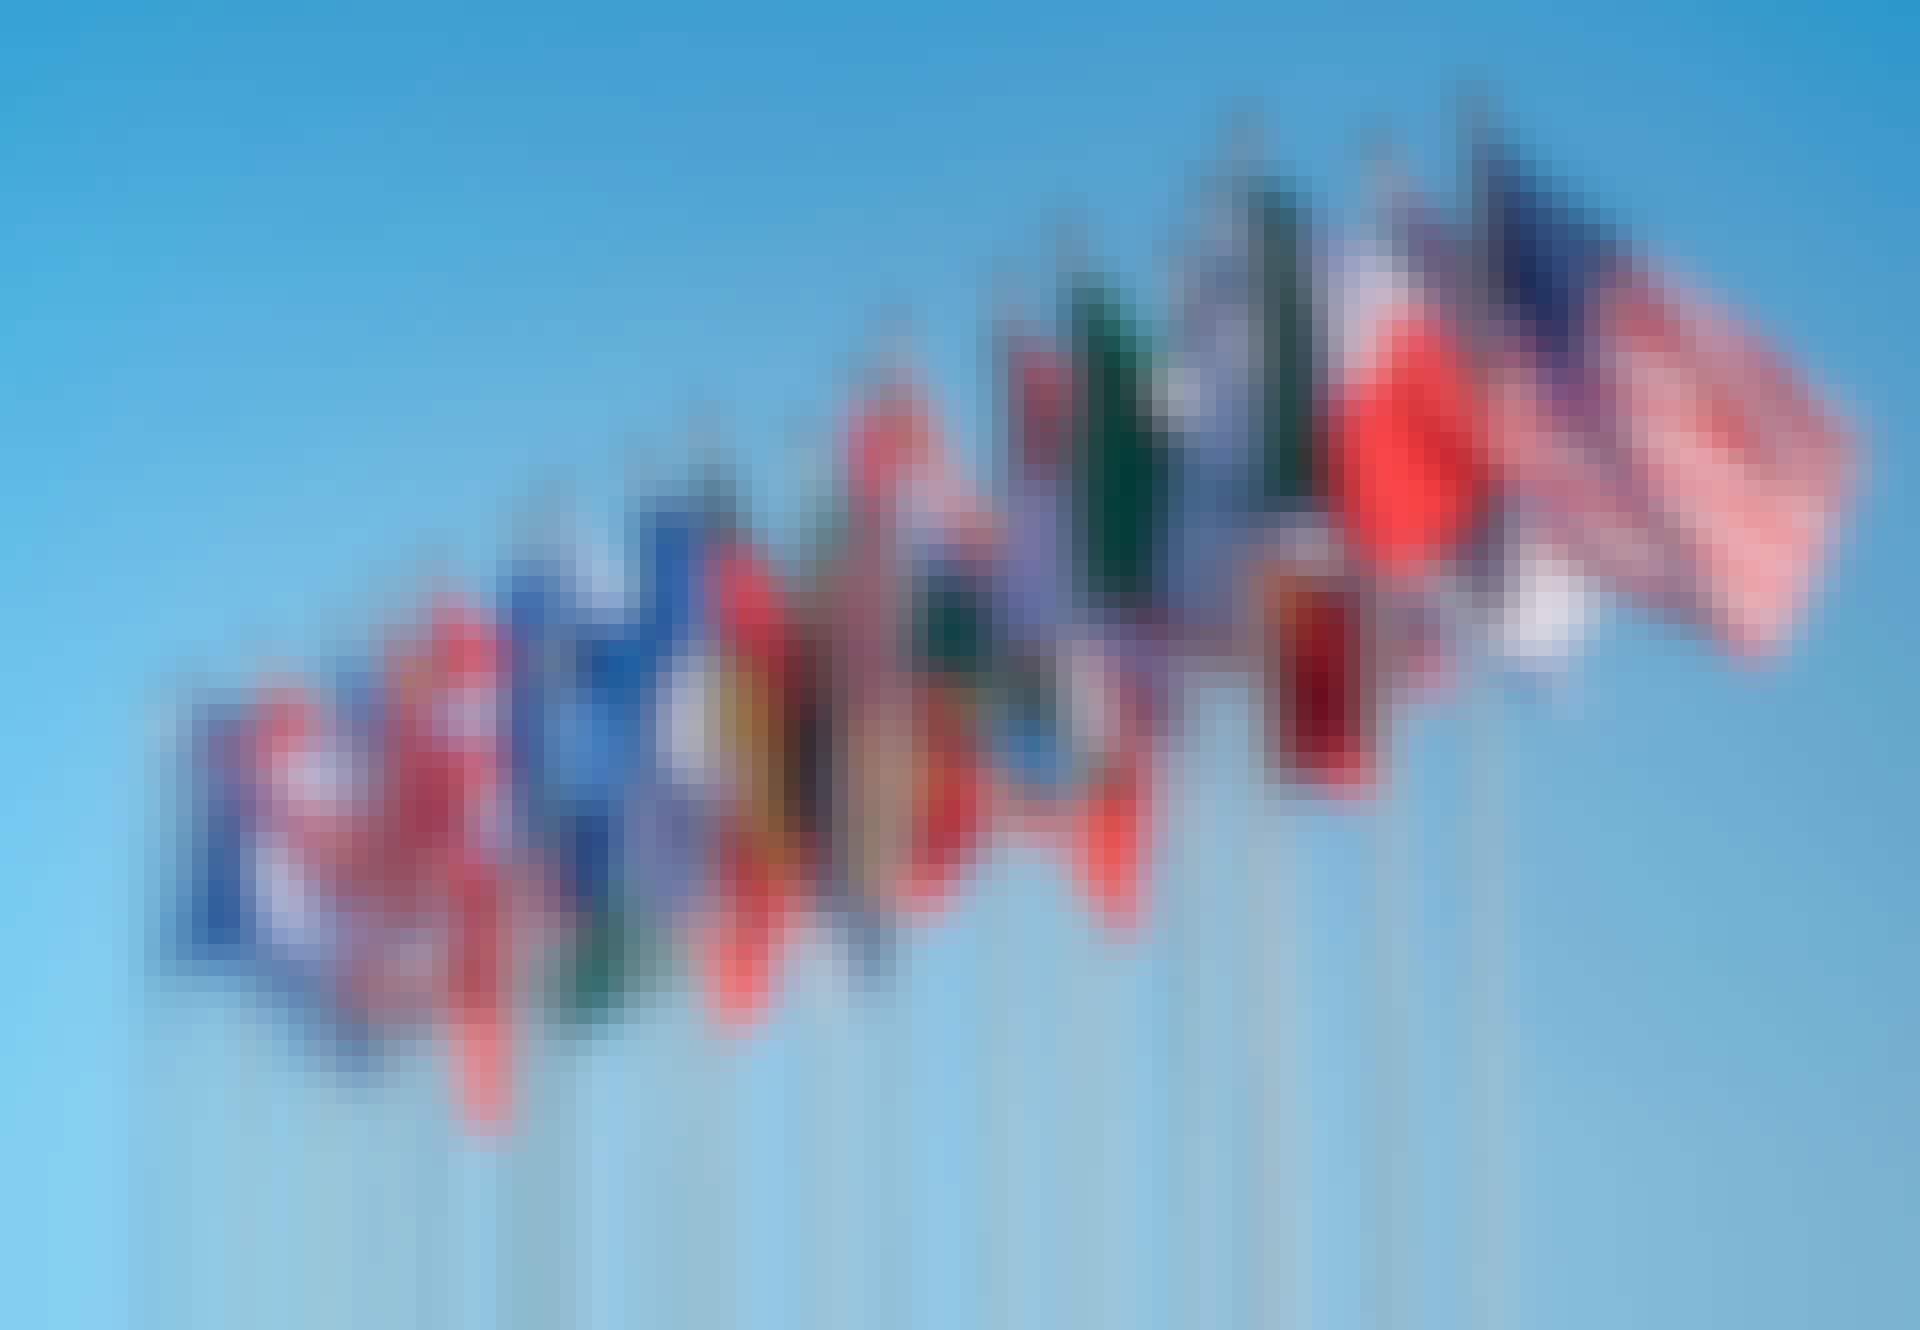 Nationsflaggor från olika länder fladdrar i vinden